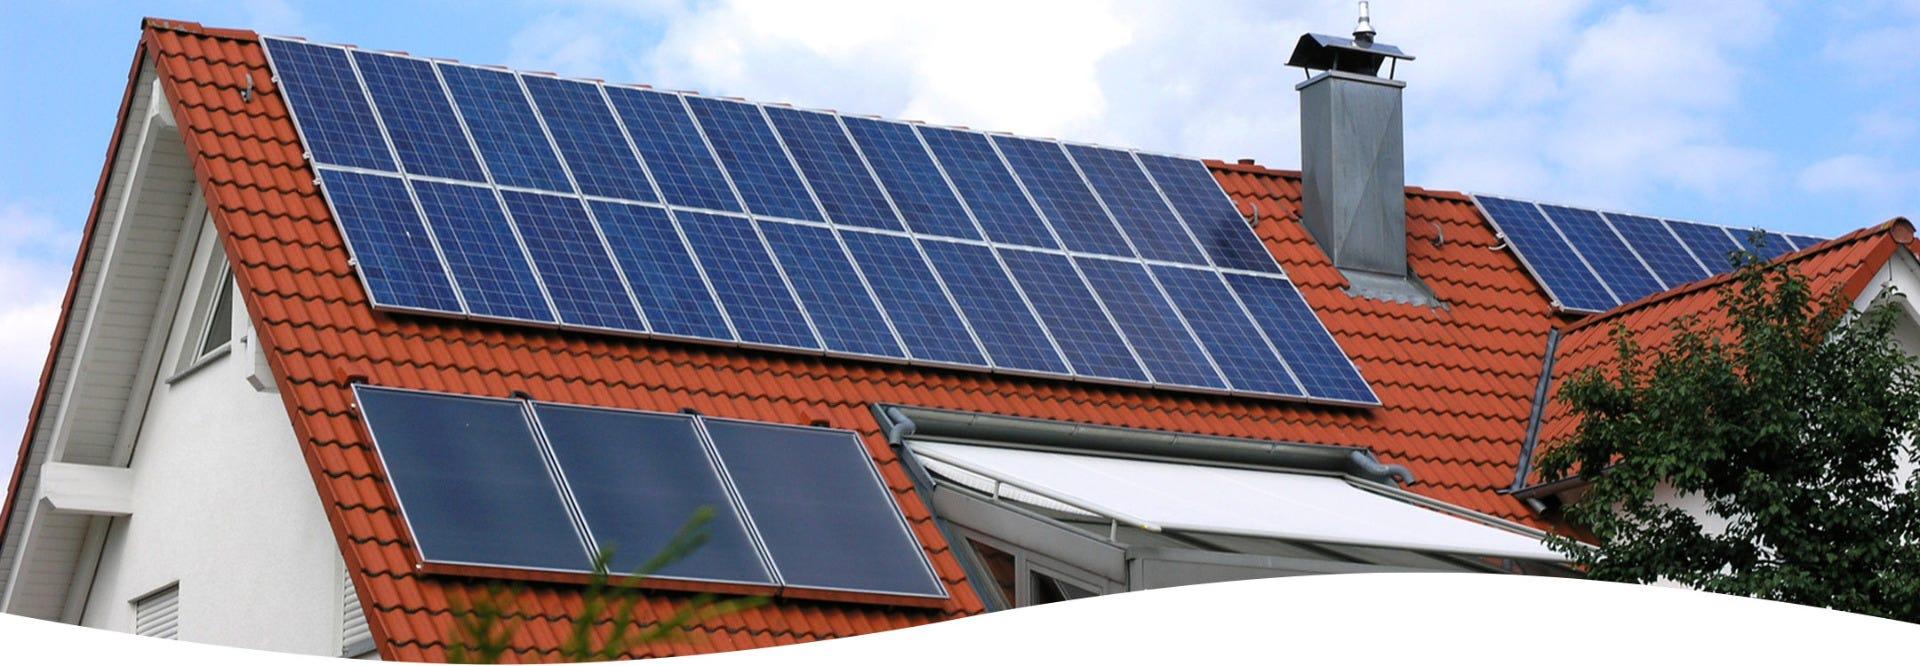 Erneuerbare Energien Köln